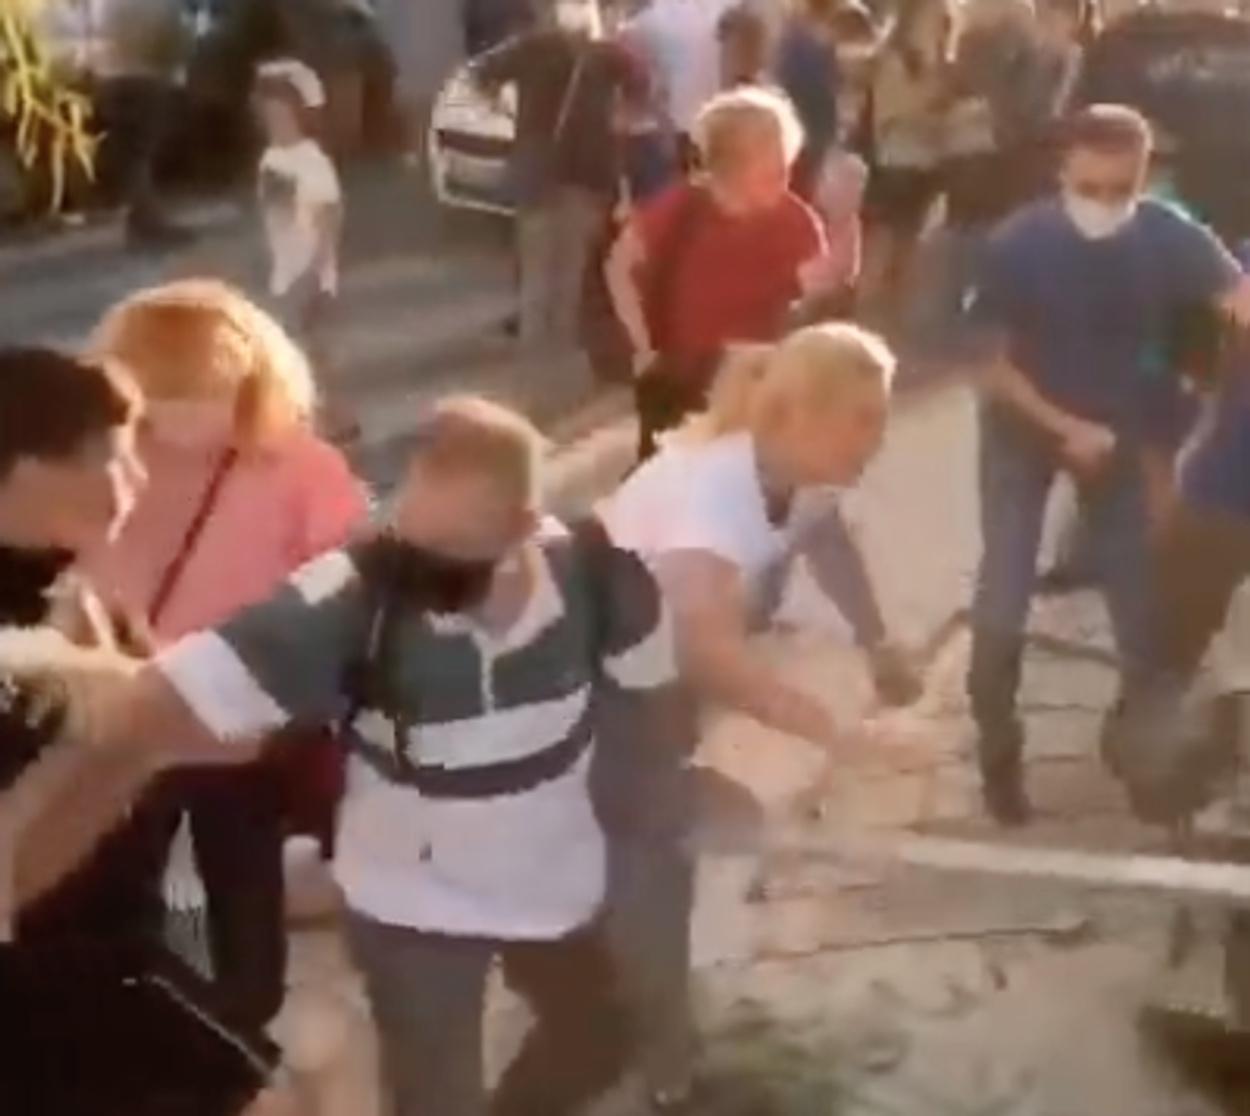 Γονείς να προσπαθούν να σπάσουν κατάληψη σε σχολείο -Η κατάσταση ξέφυγε (video)